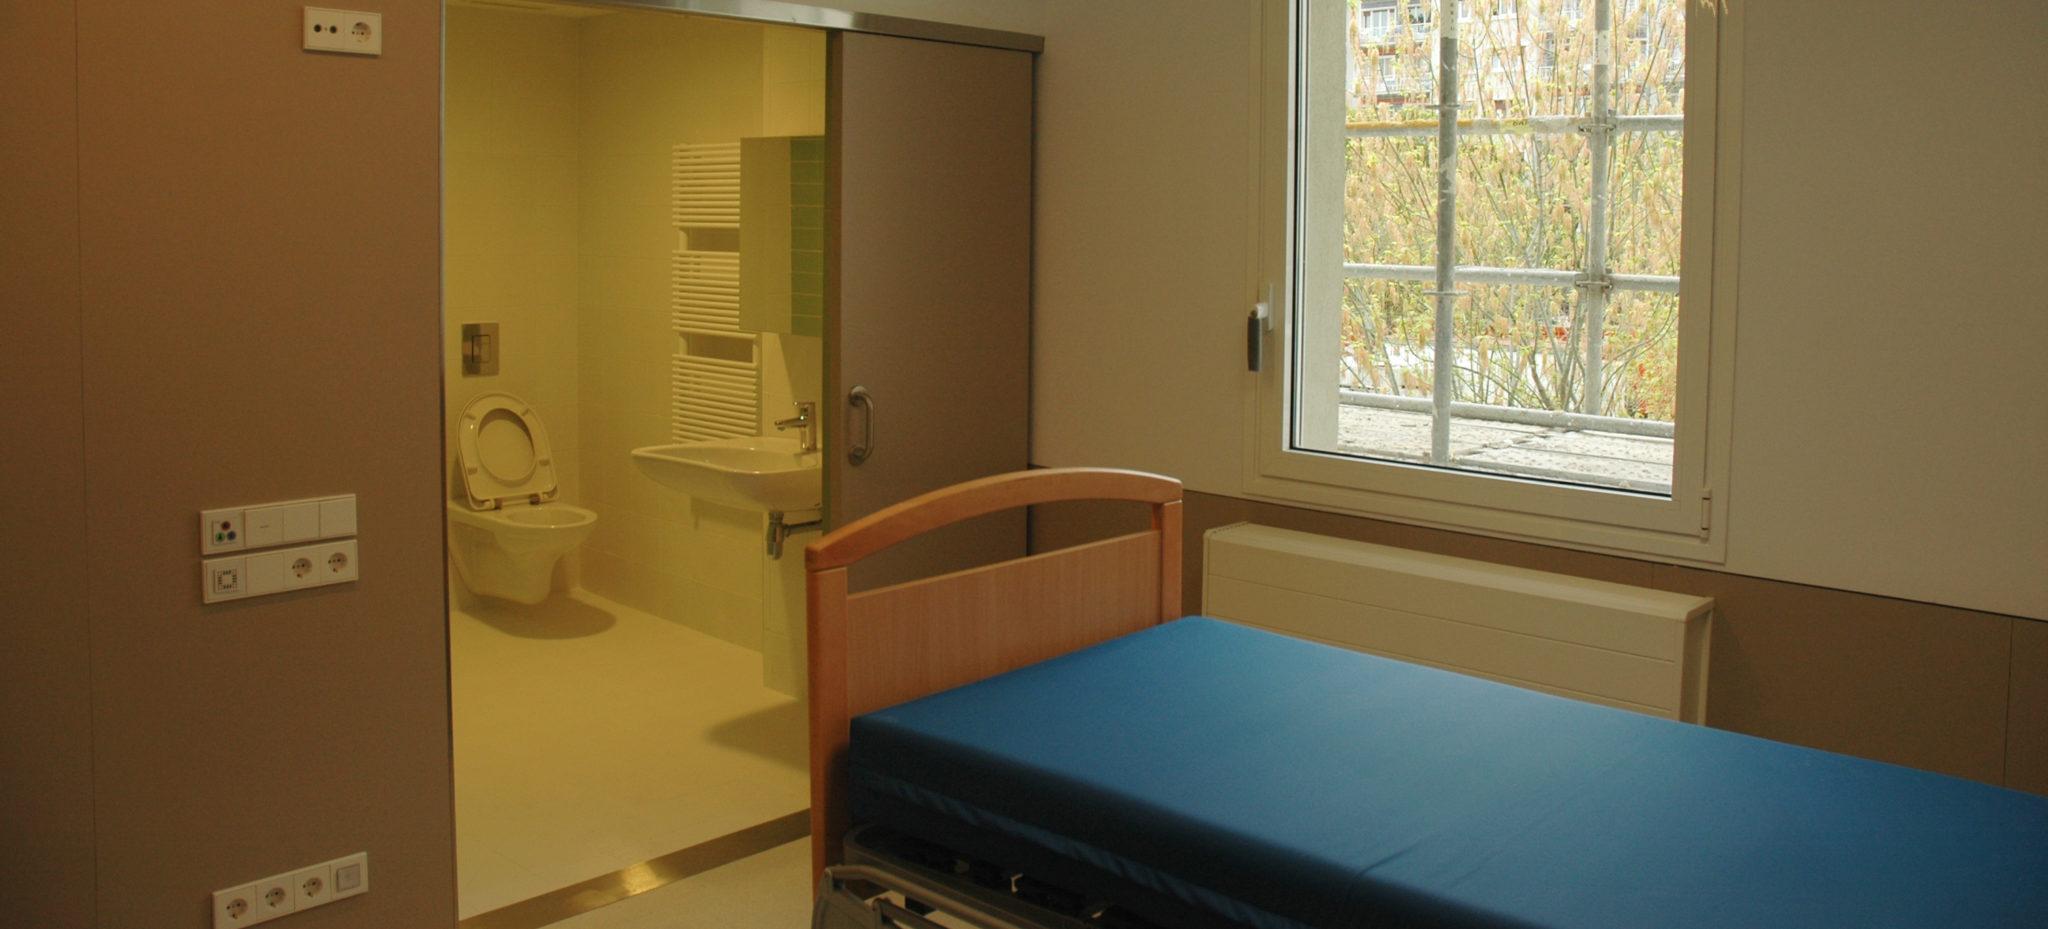 Habitación De La Nueva Planta De Enfermería De La Casa De Misericordia